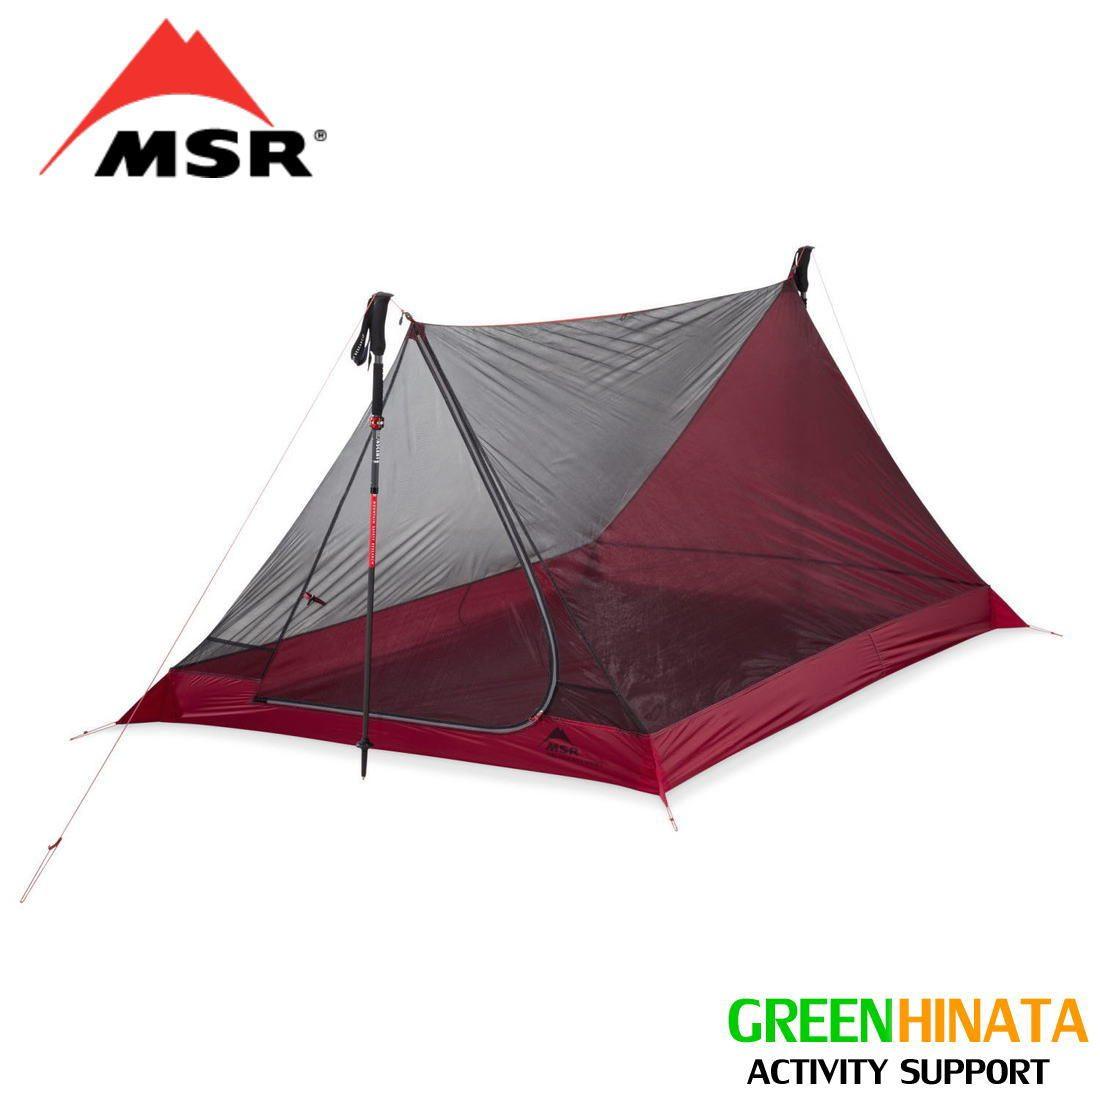 【国内正規品】 エムエスアール スルーハイカー メッシュハウス2 2019 2人用テント MSR Thru-Hiker Mesh House 2 Trekking Pole Shelter 2019 UPDATE MODEL